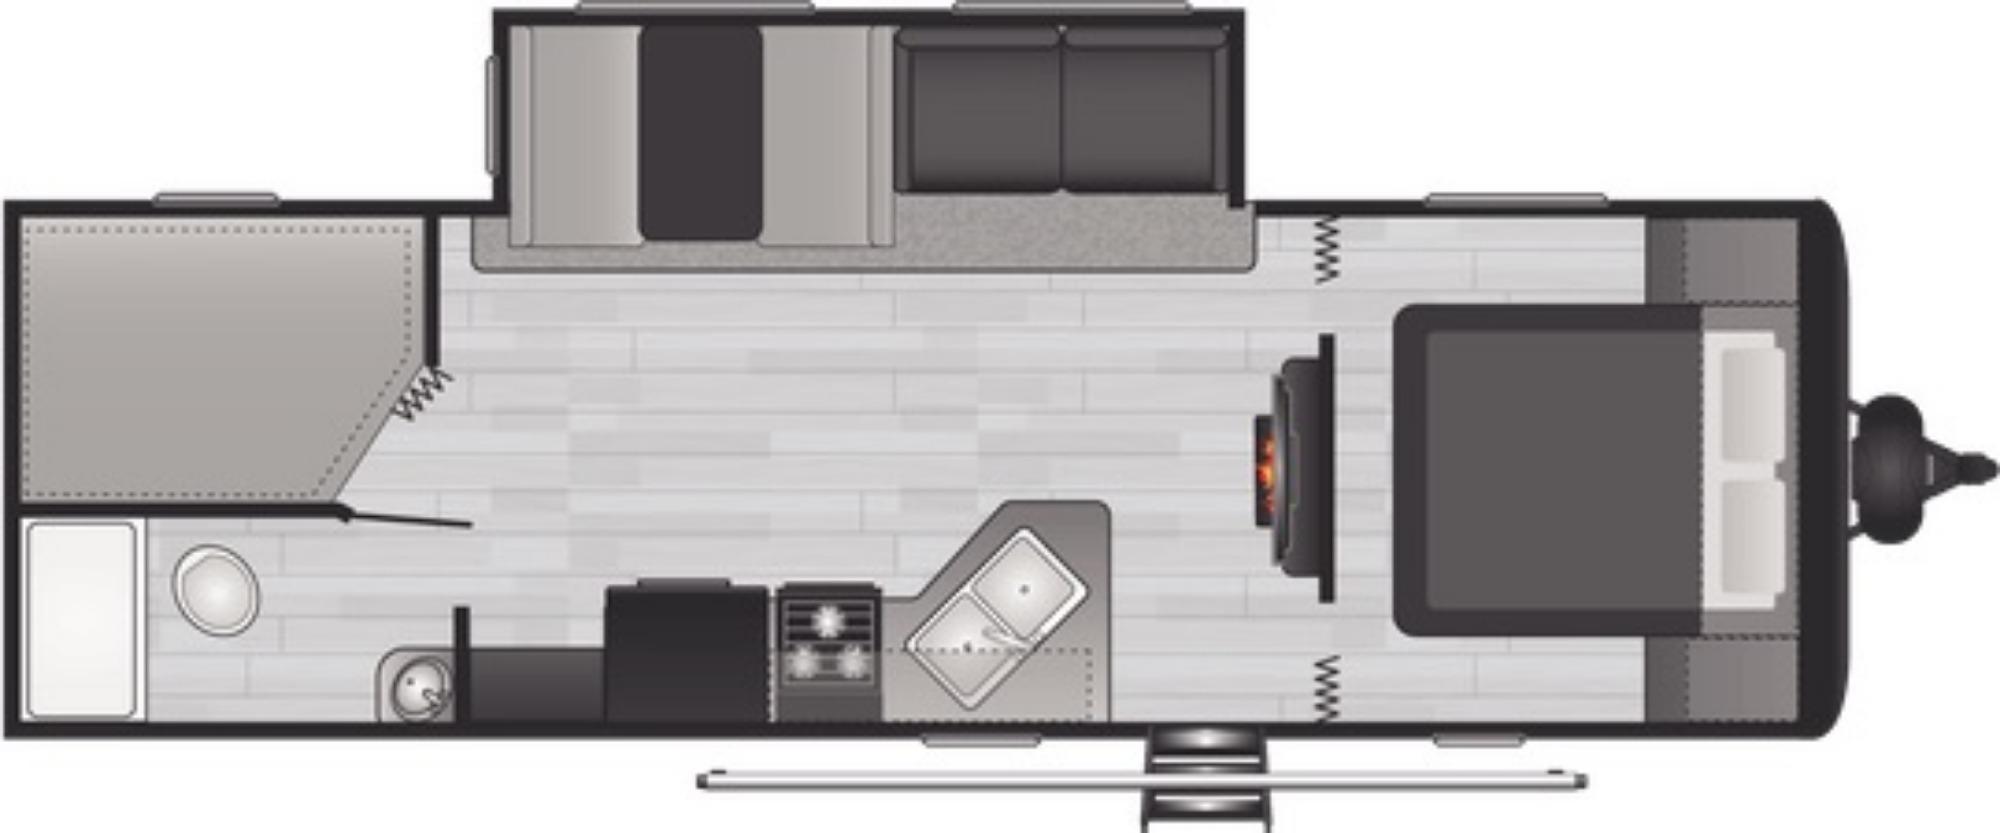 View Floor Plan for 2021 KEYSTONE HIDEOUT 26BHWE